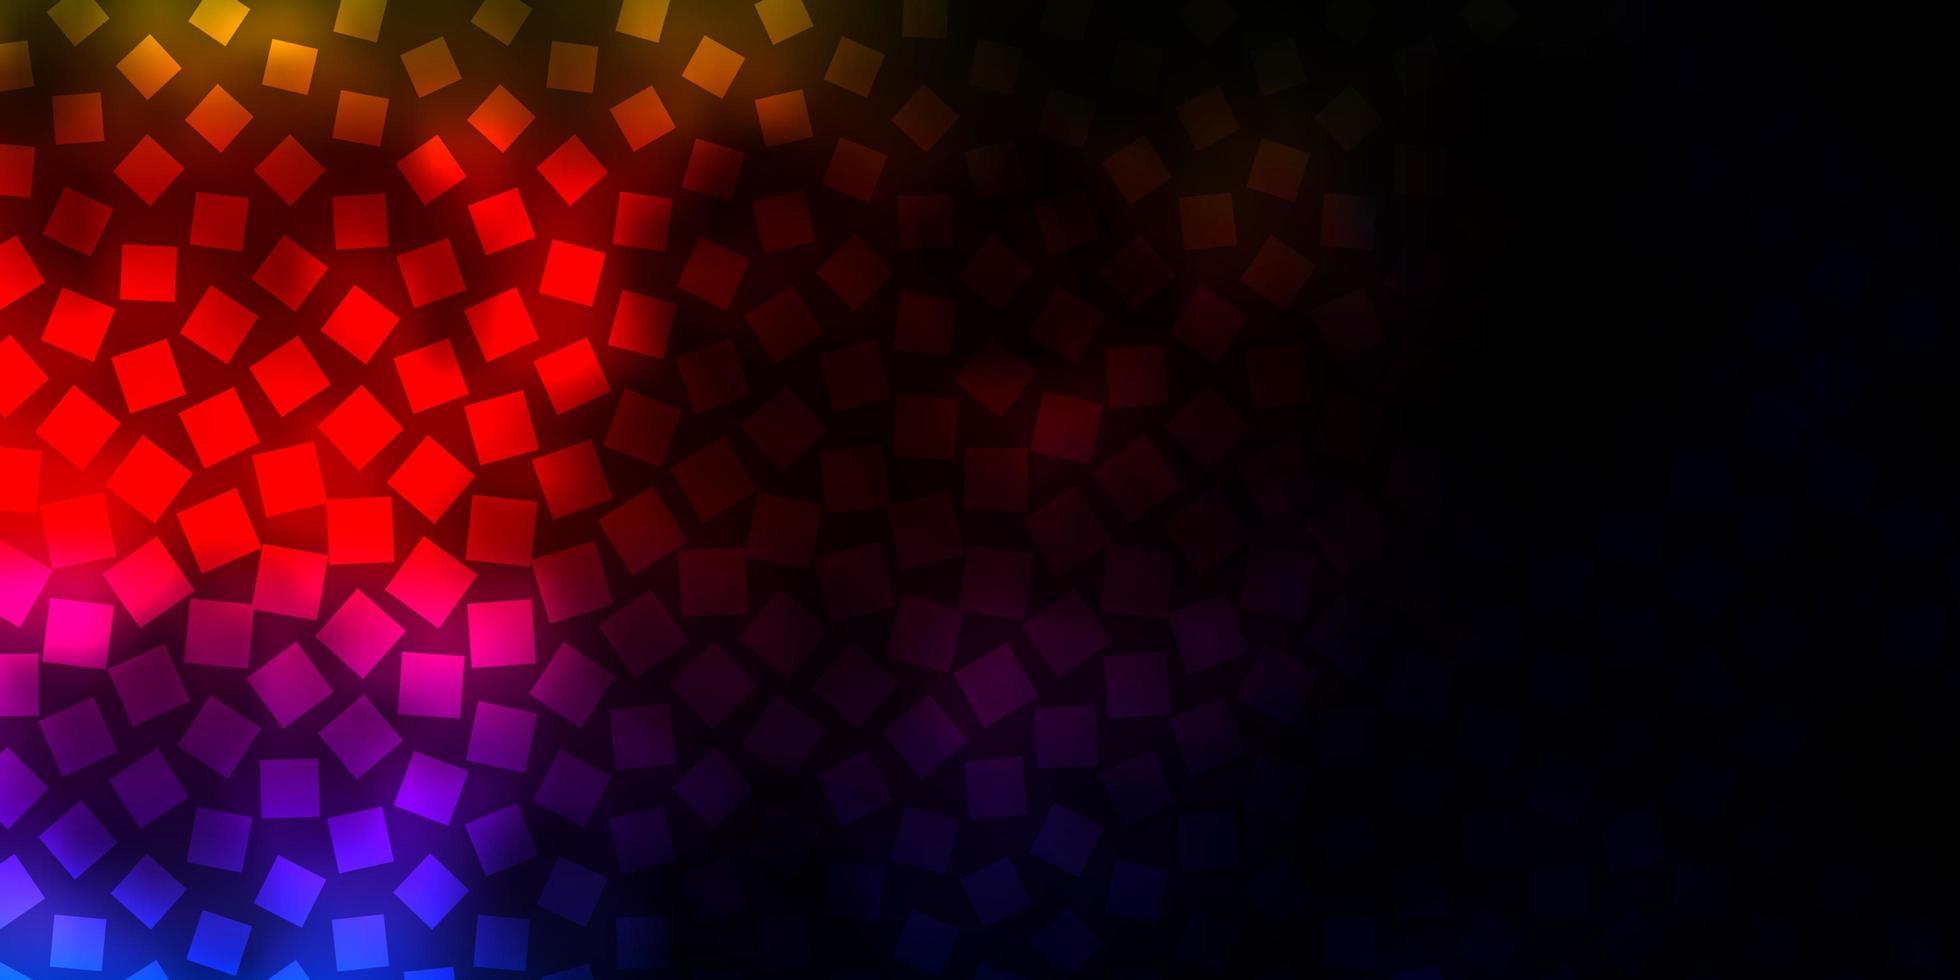 donkere veelkleurige vectorachtergrond met rechthoeken. vector